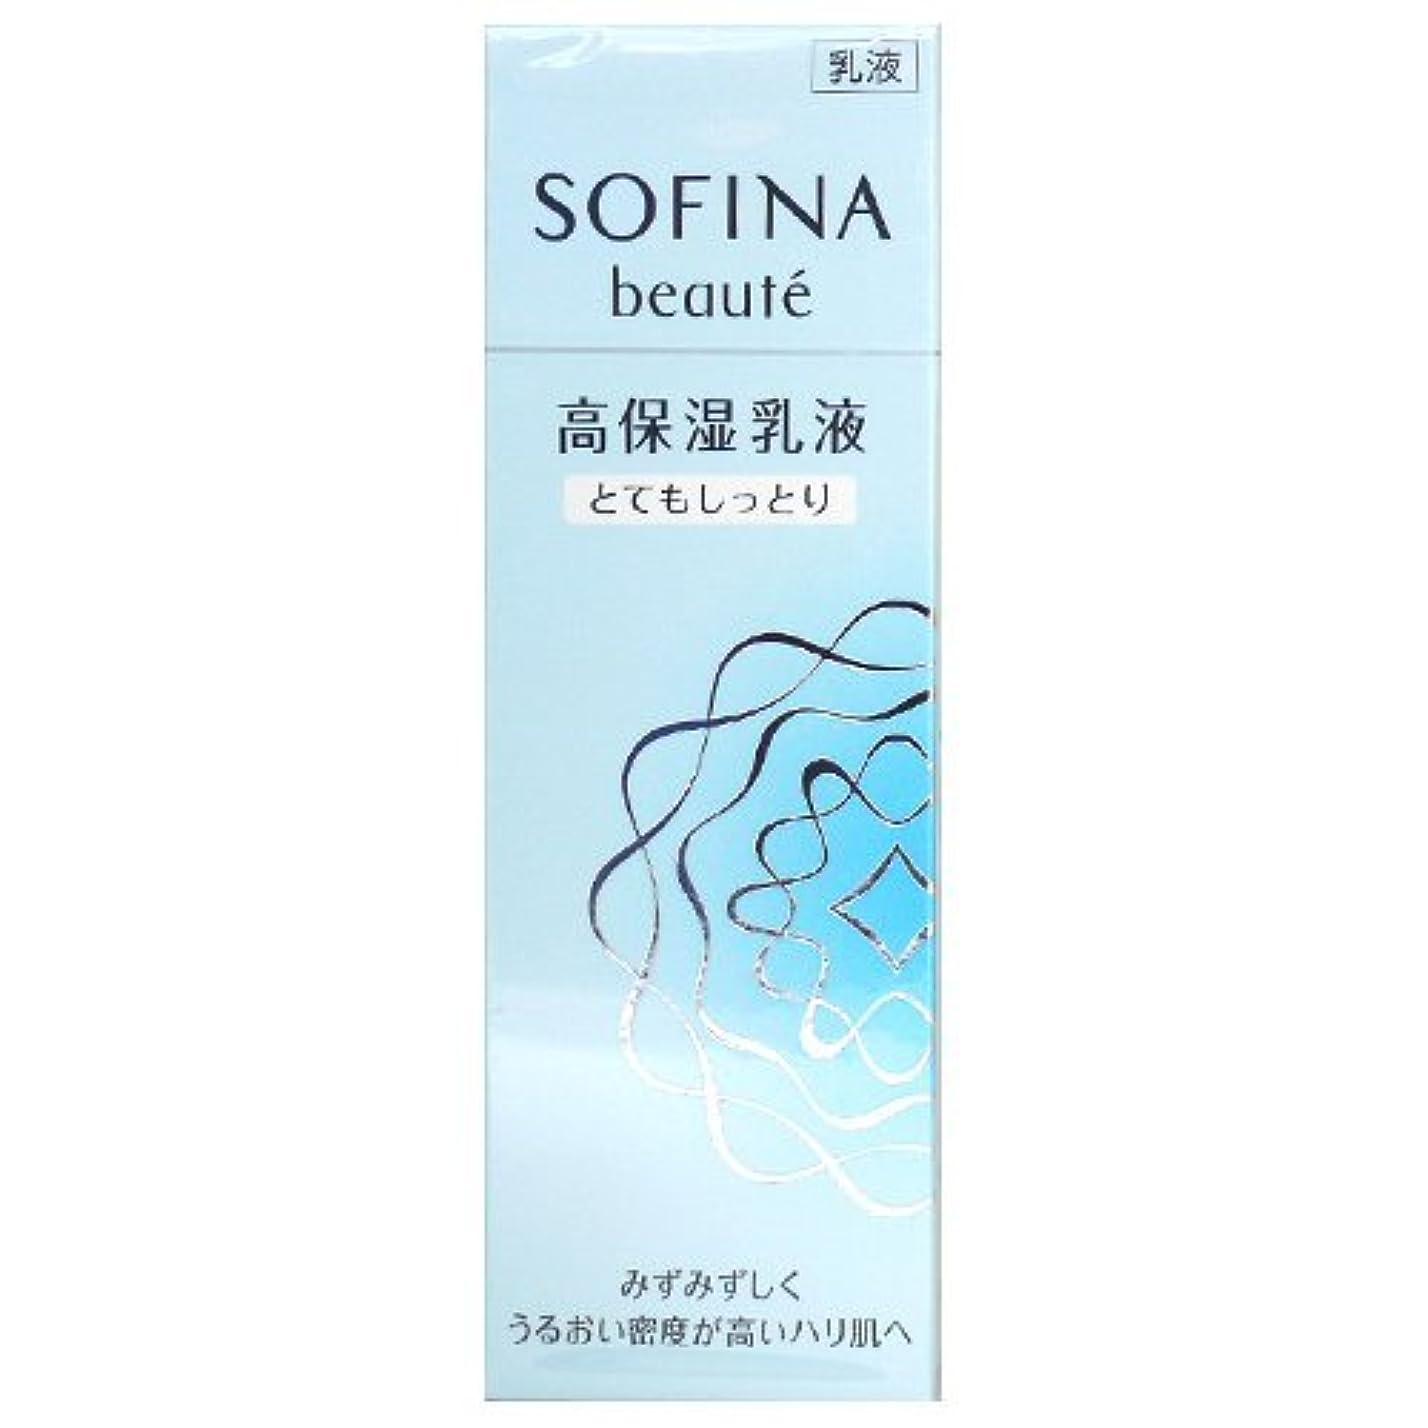 仮装溶ける程度花王 ソフィーナ ボーテ SOFINA beaute 高保湿乳液 とてもしっとり 60g [並行輸入品]